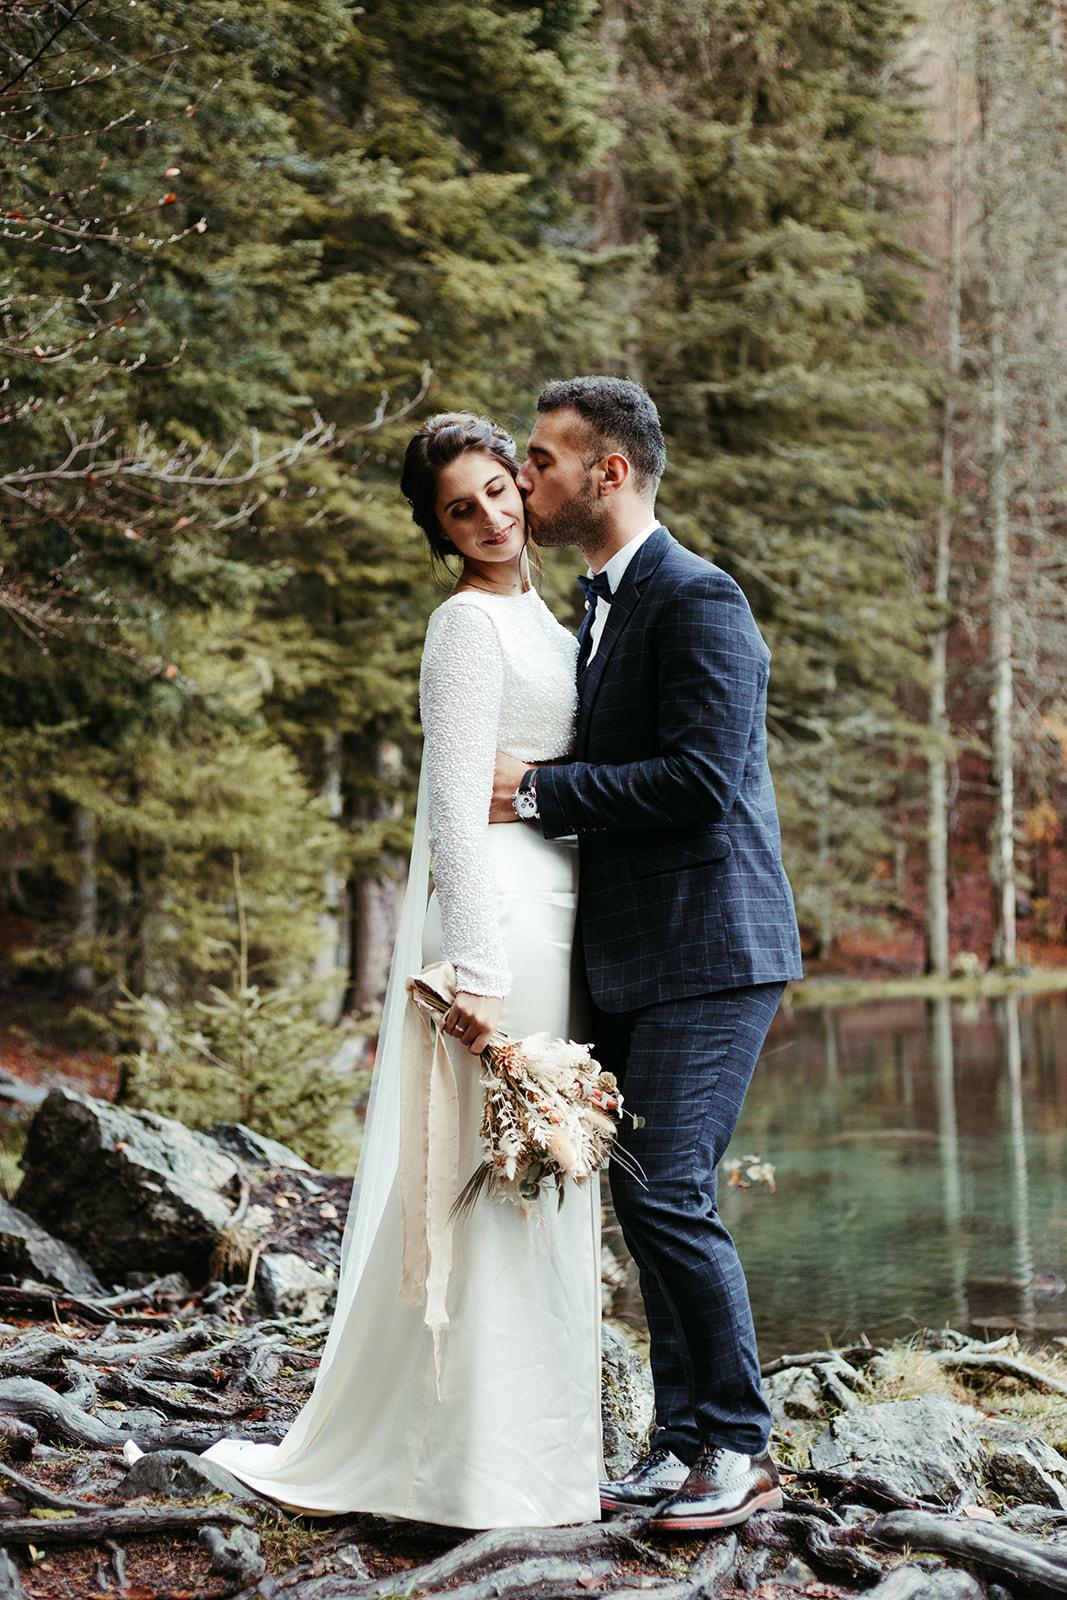 UtopicLovers film photo Mariage Elopement 2019 156 1 - Un elopement entre lac émeraude et forêt de sapins à Chamonix.